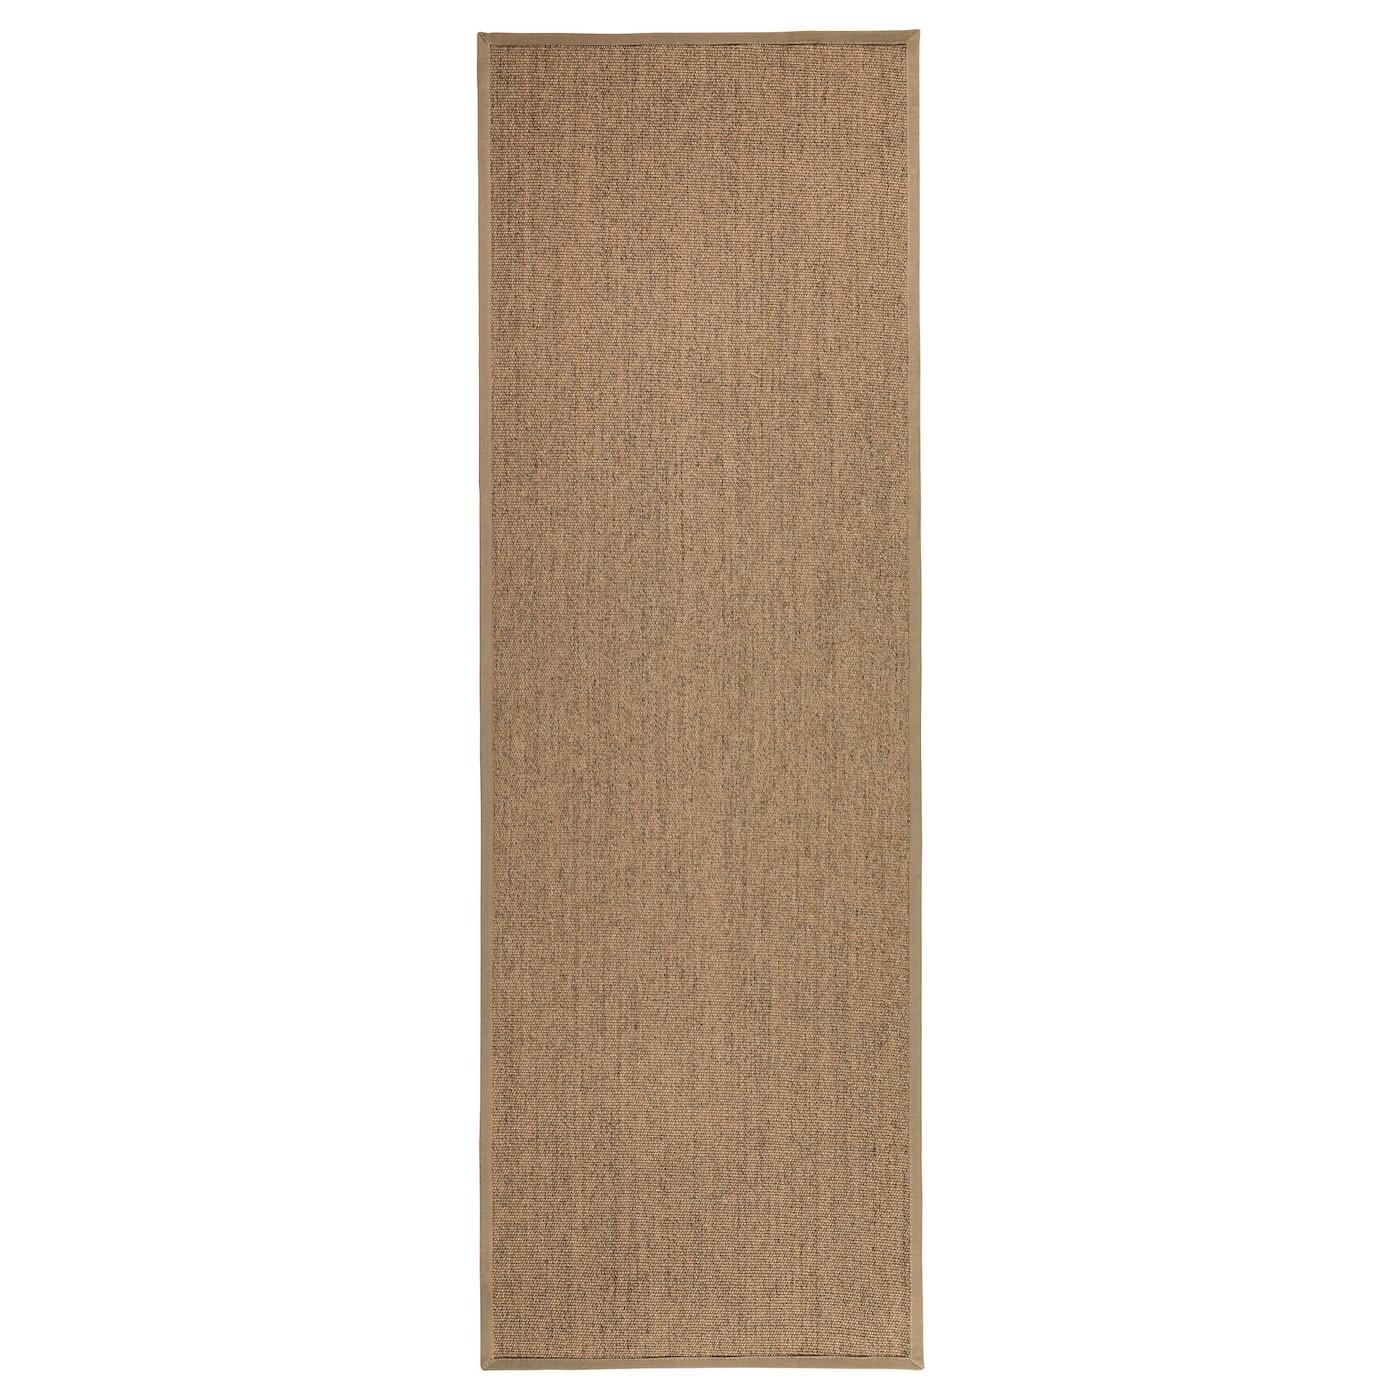 osted vloerkleed glad geweven naturel 80 x 240 cm ikea. Black Bedroom Furniture Sets. Home Design Ideas